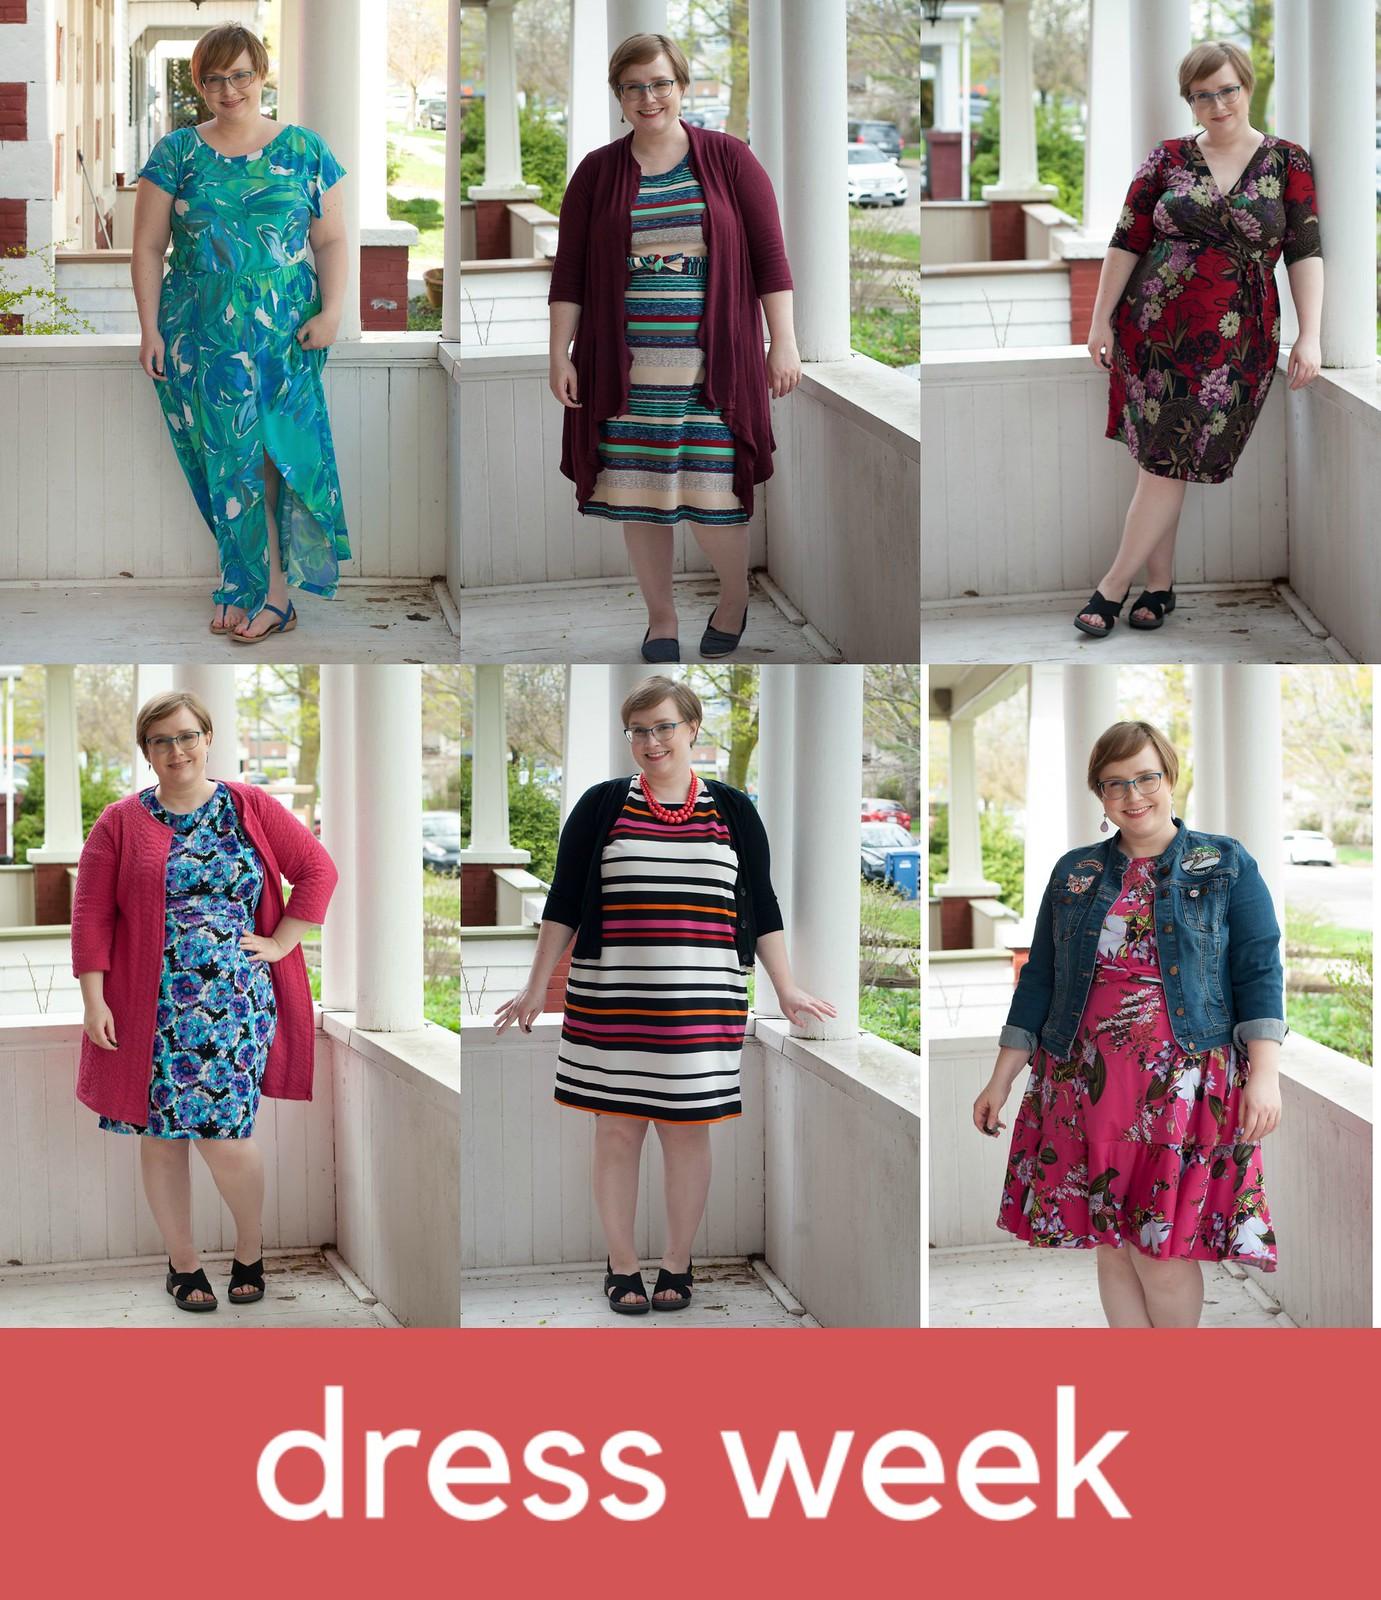 Week 2 Dresses